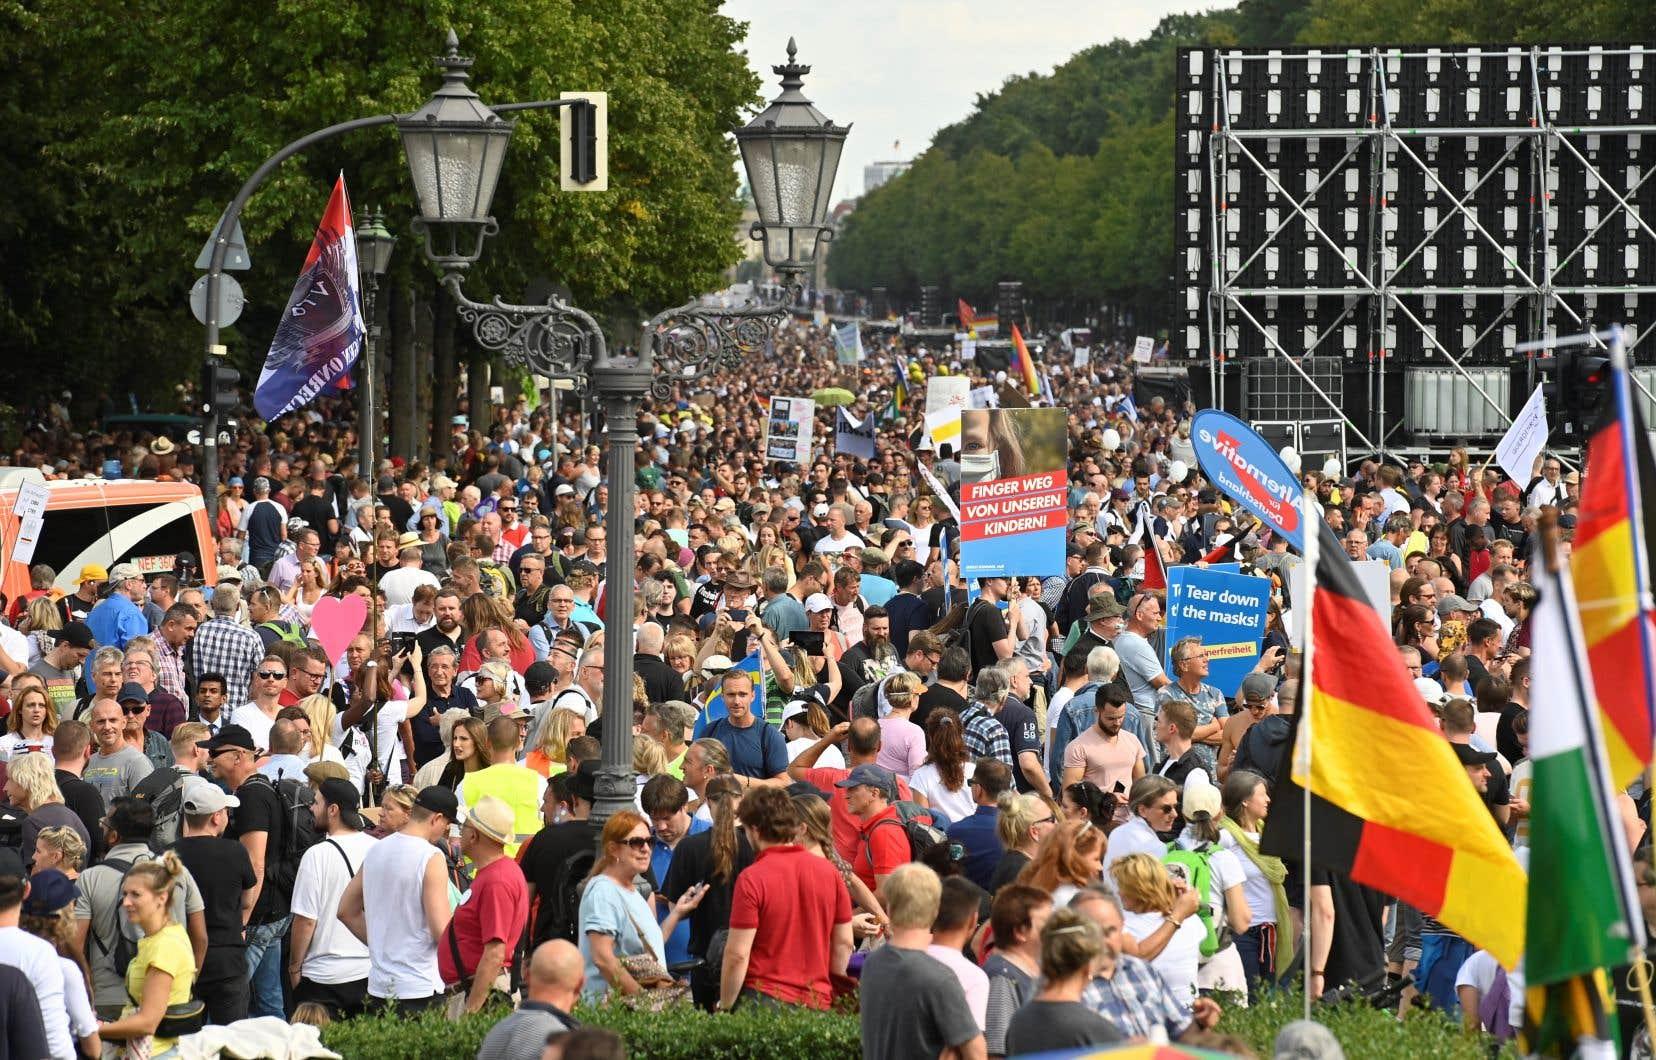 Les drapeaux de la paix arc-en-ciel et de l'Allemagne se côtoyaient à Berlin au-dessus d'une foule très mélangée, de toutes classes d'âge, comprenant des familles avec des enfants en bas âge.